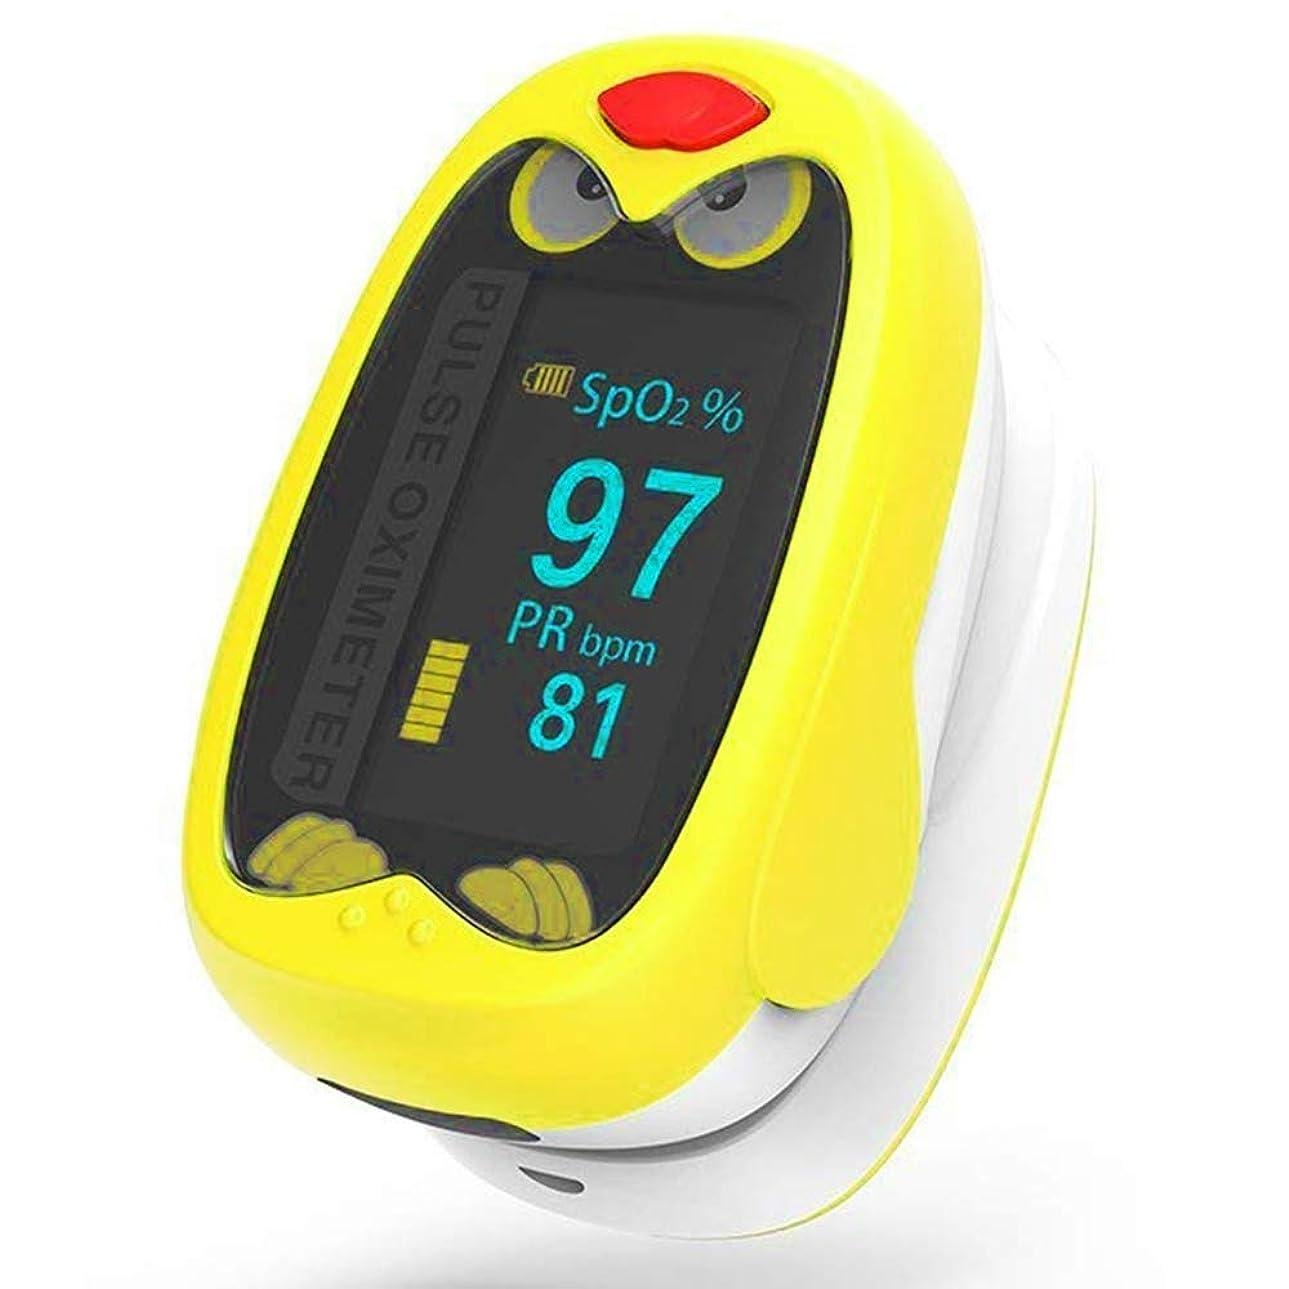 政府ダッシュ赤ちゃん充電式指酸素濃度計パルス酸素濃度計デジタルOLEDスクリーン血液中の酸素含有量の測定SpO2心拍数と酸素飽和度の子供向け測定